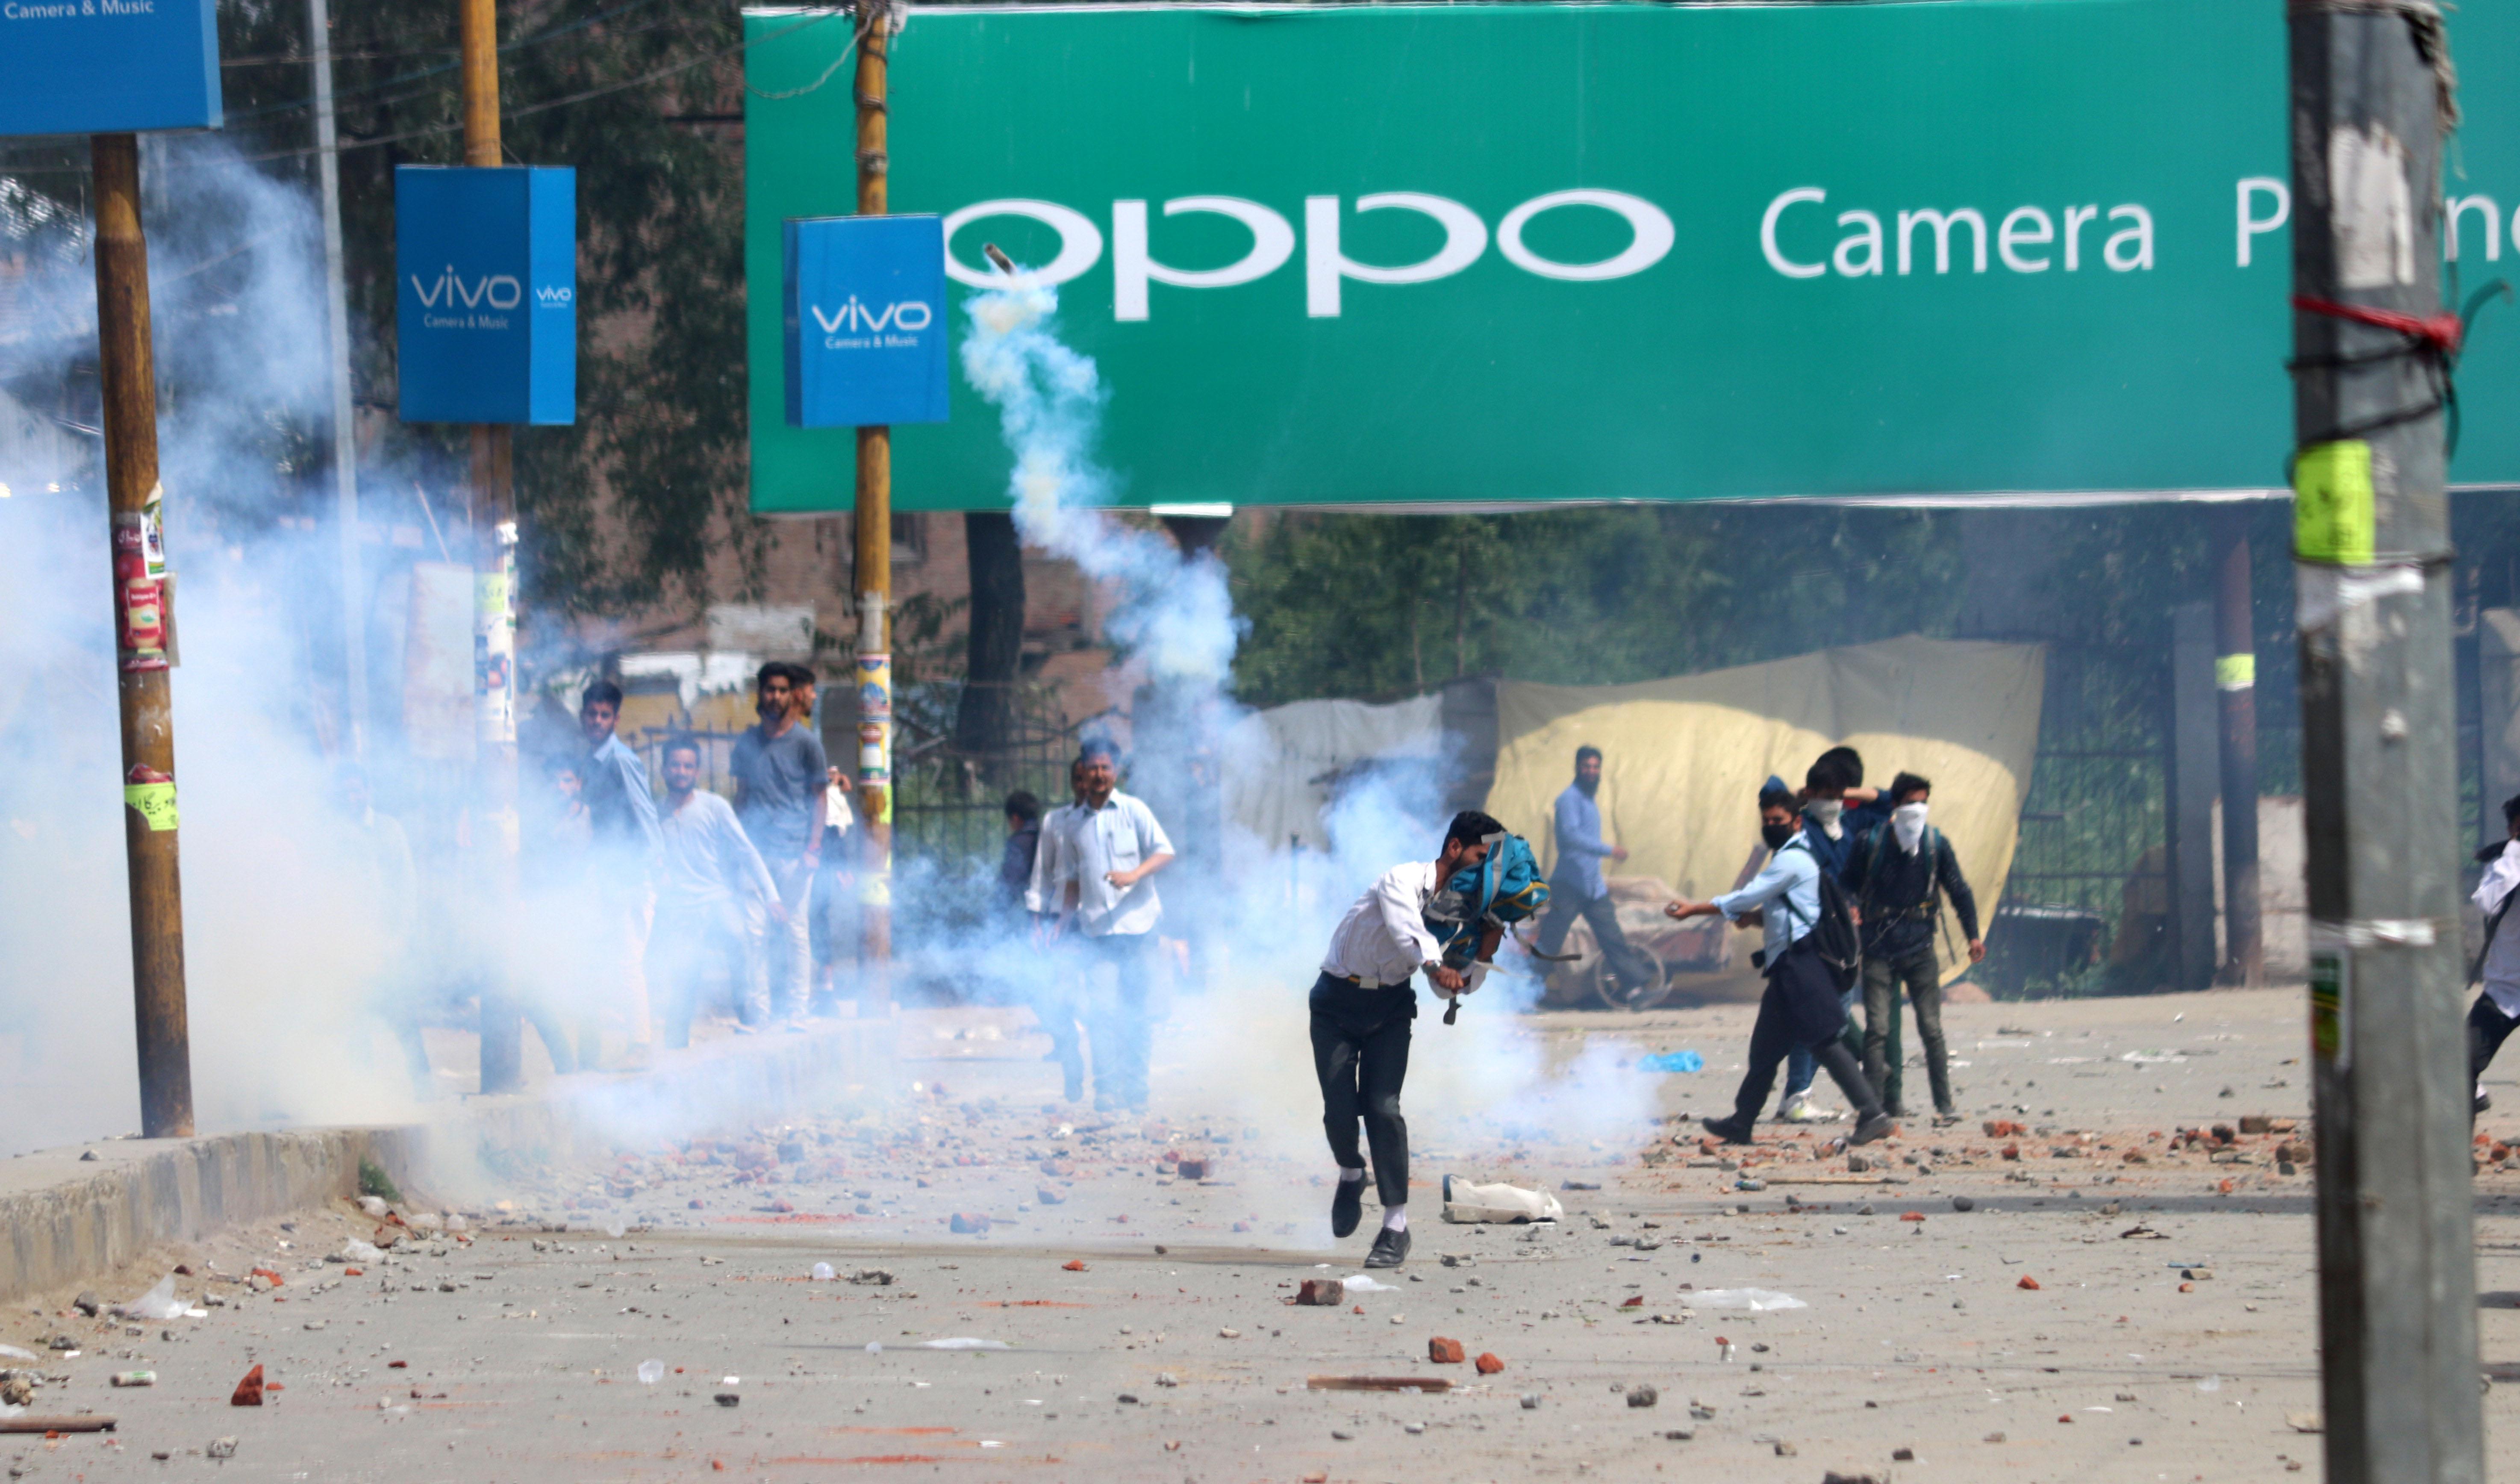 Kashmir stone pelter kids teargas